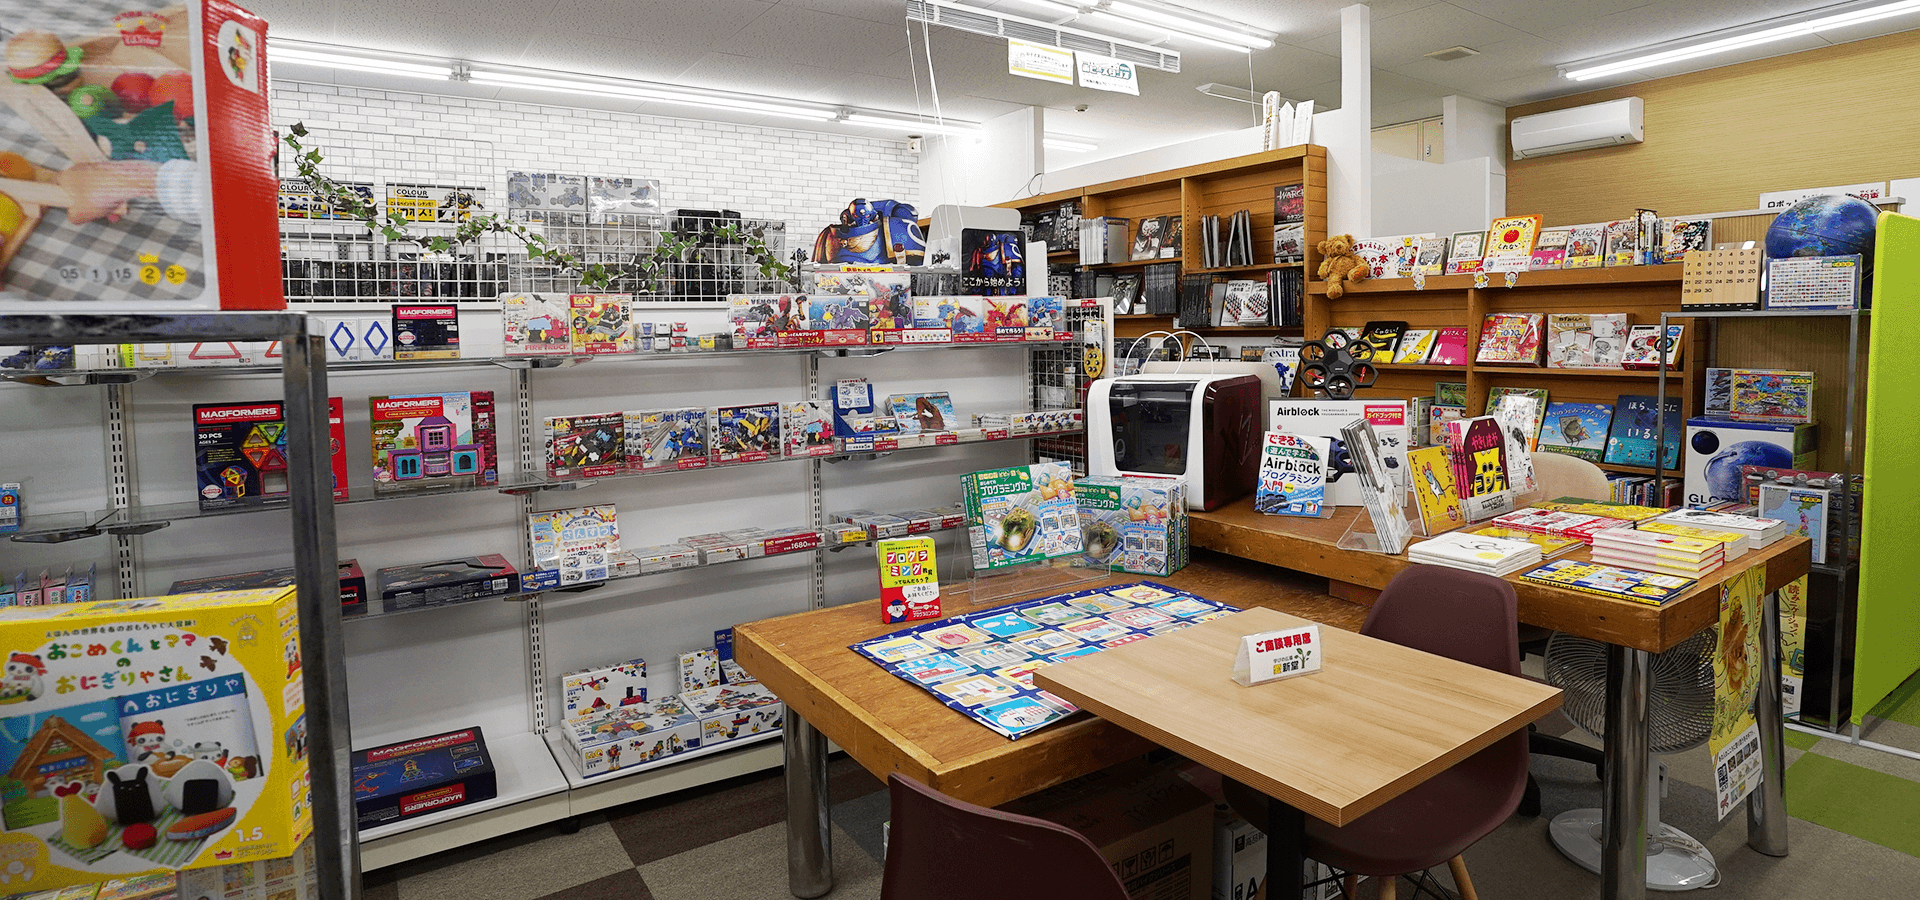 ホビースタジオ愛新堂店ウォーハンマー正規販売店の写真5